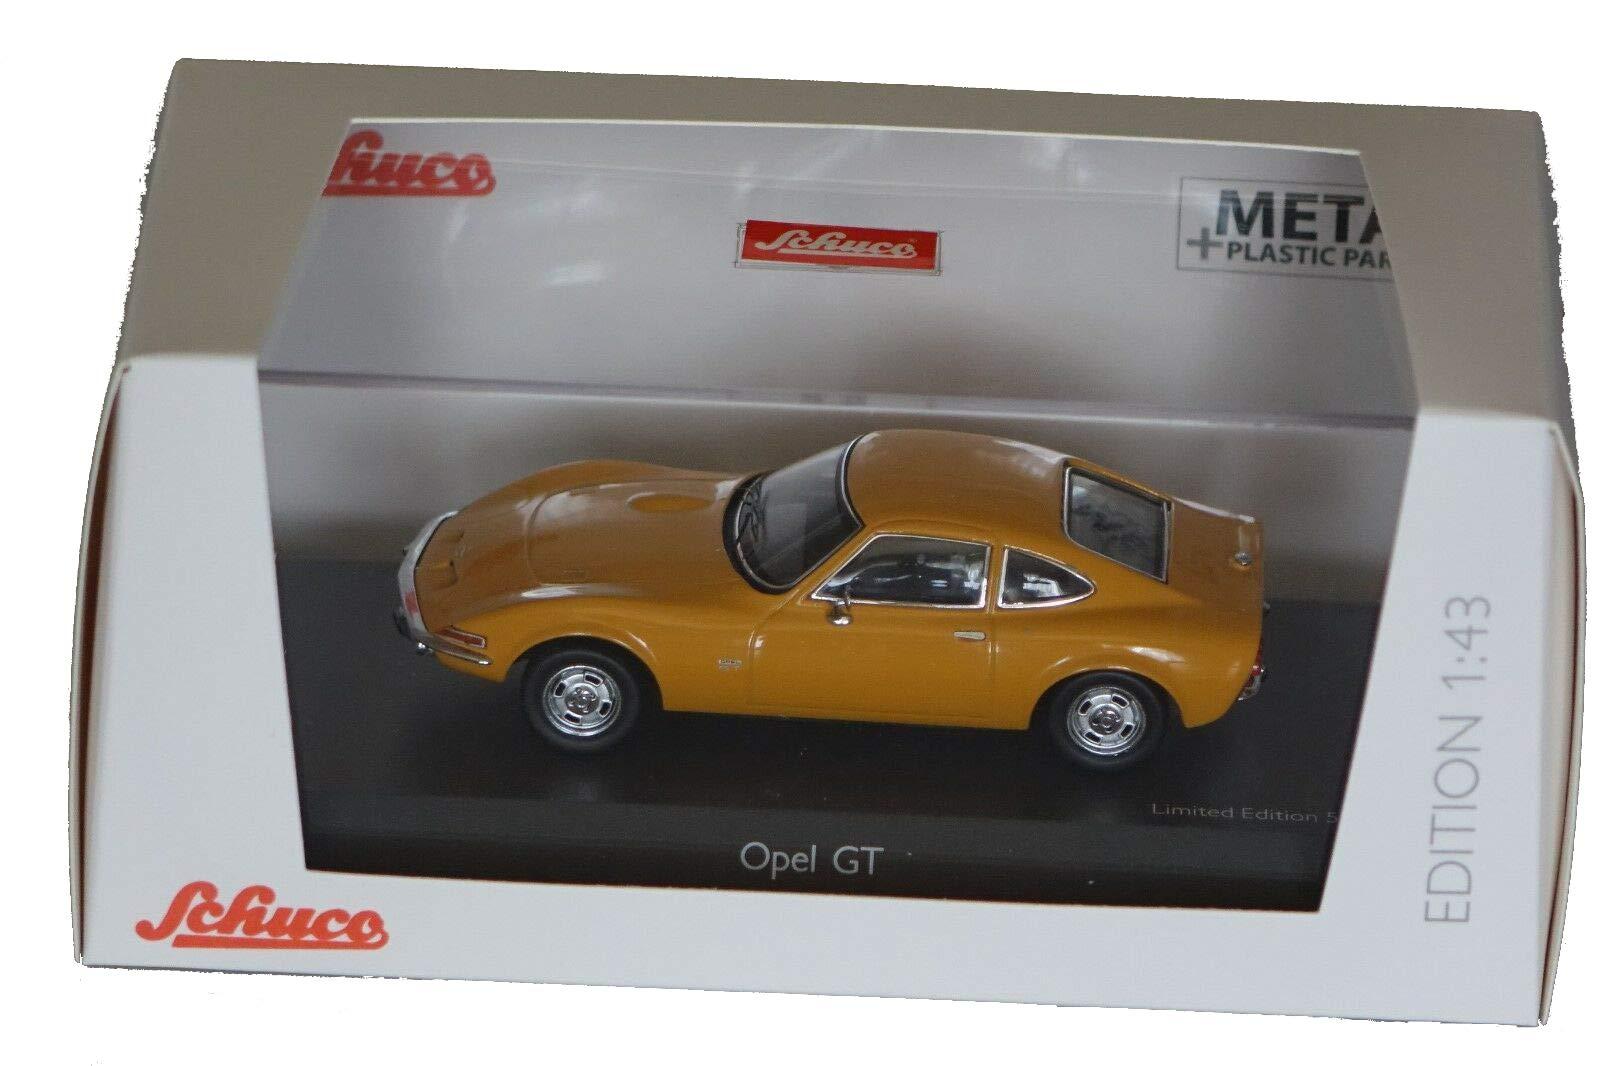 Simba Dickie 450256700Model Miniature Opel GT 1: 43 4